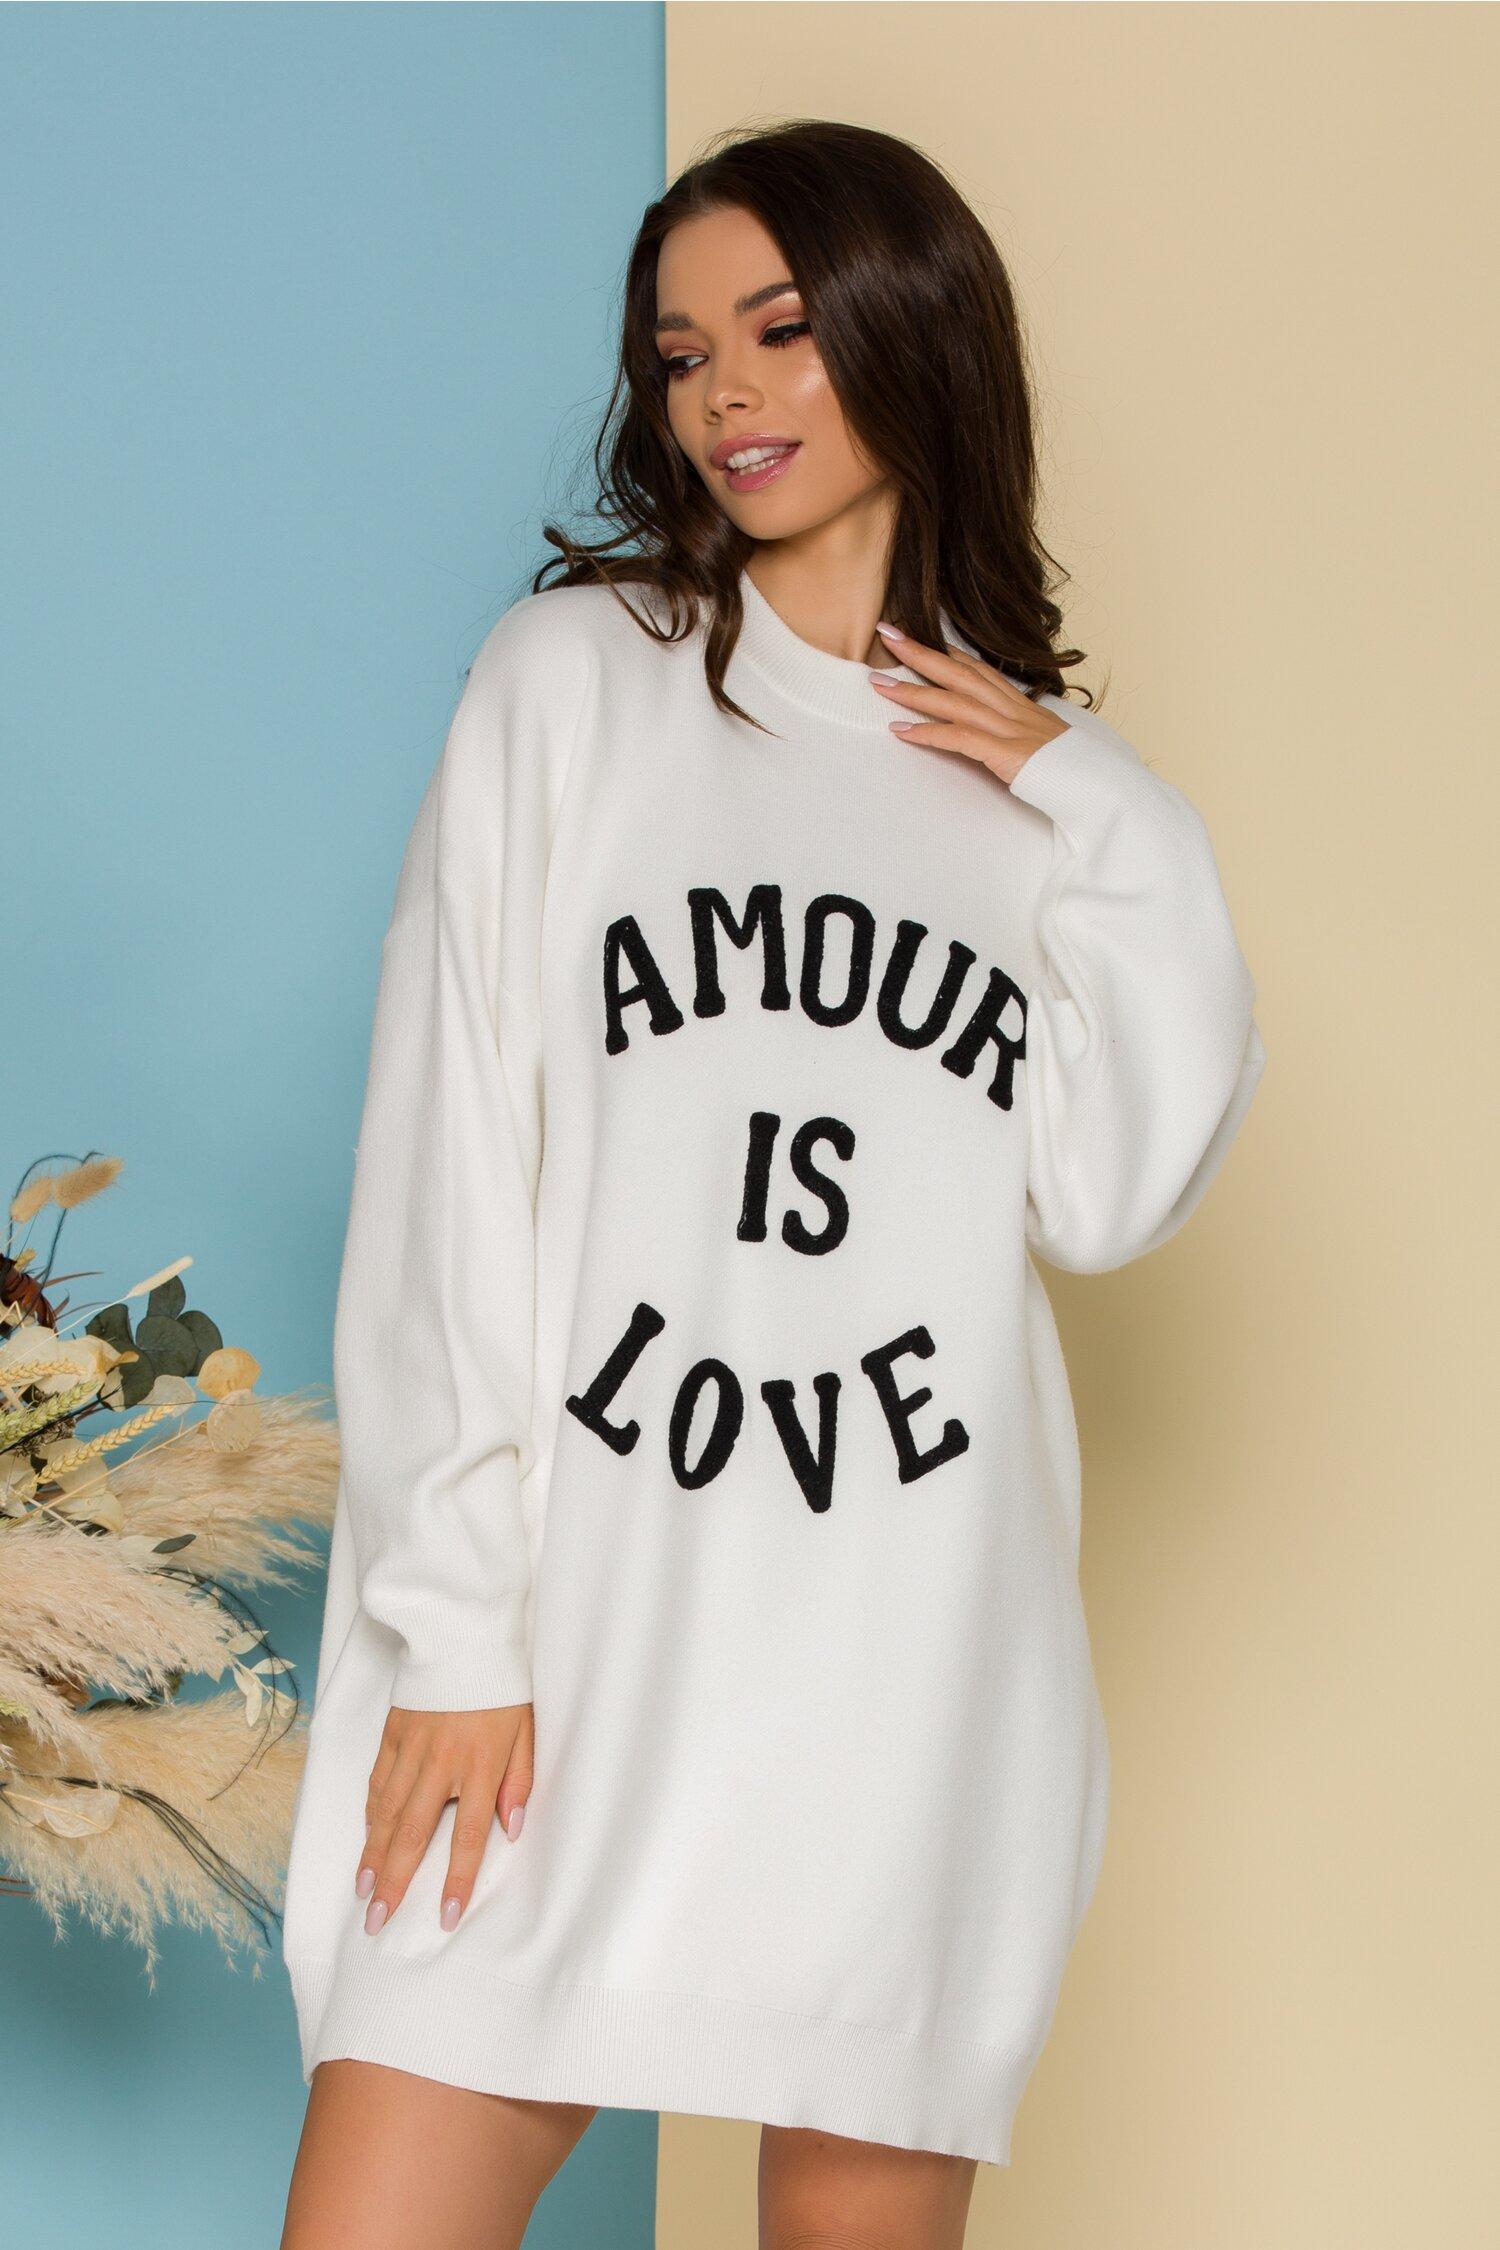 Rochie Love alba casual oversize din tricot imagine